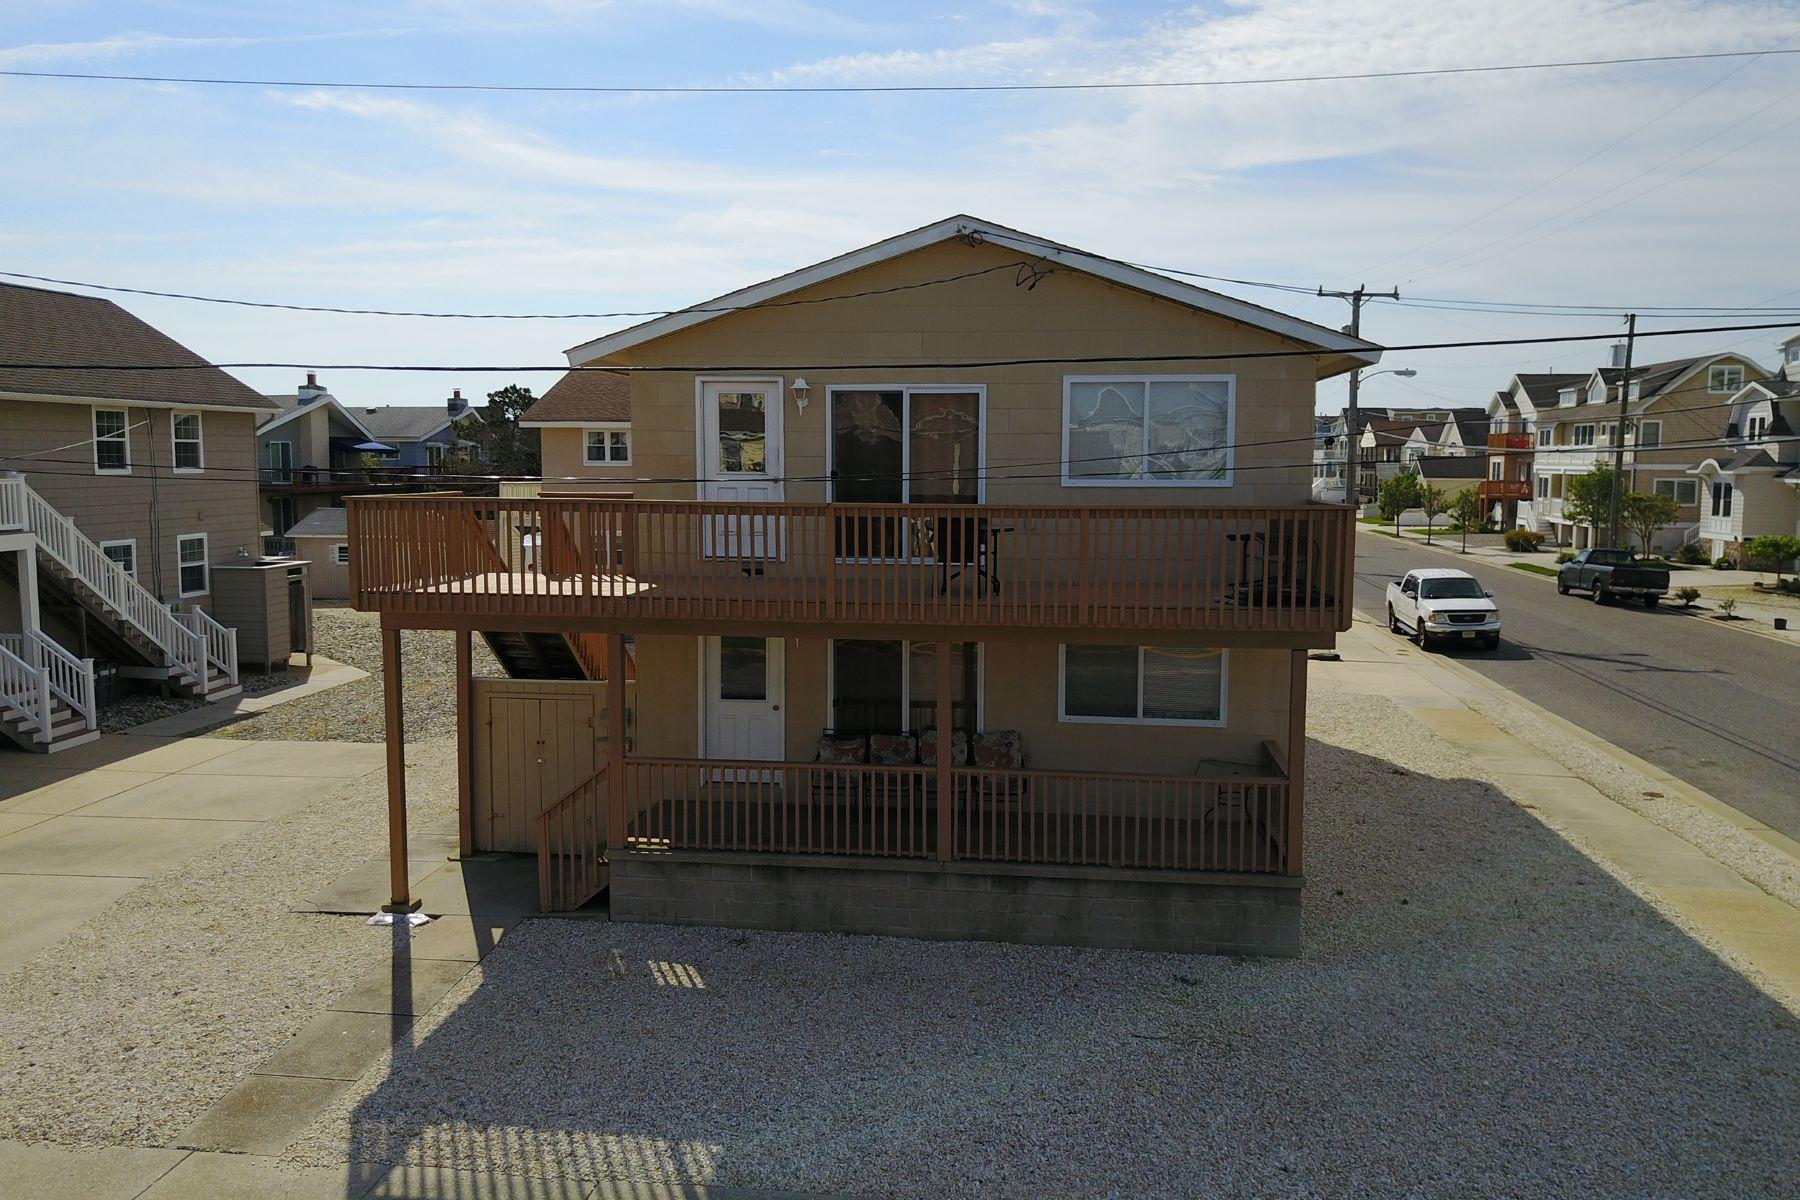 дуплекс для того Продажа на Renovated Corner Duplex 697 21st Street Avalon, Нью-Джерси 08202 Соединенные Штаты